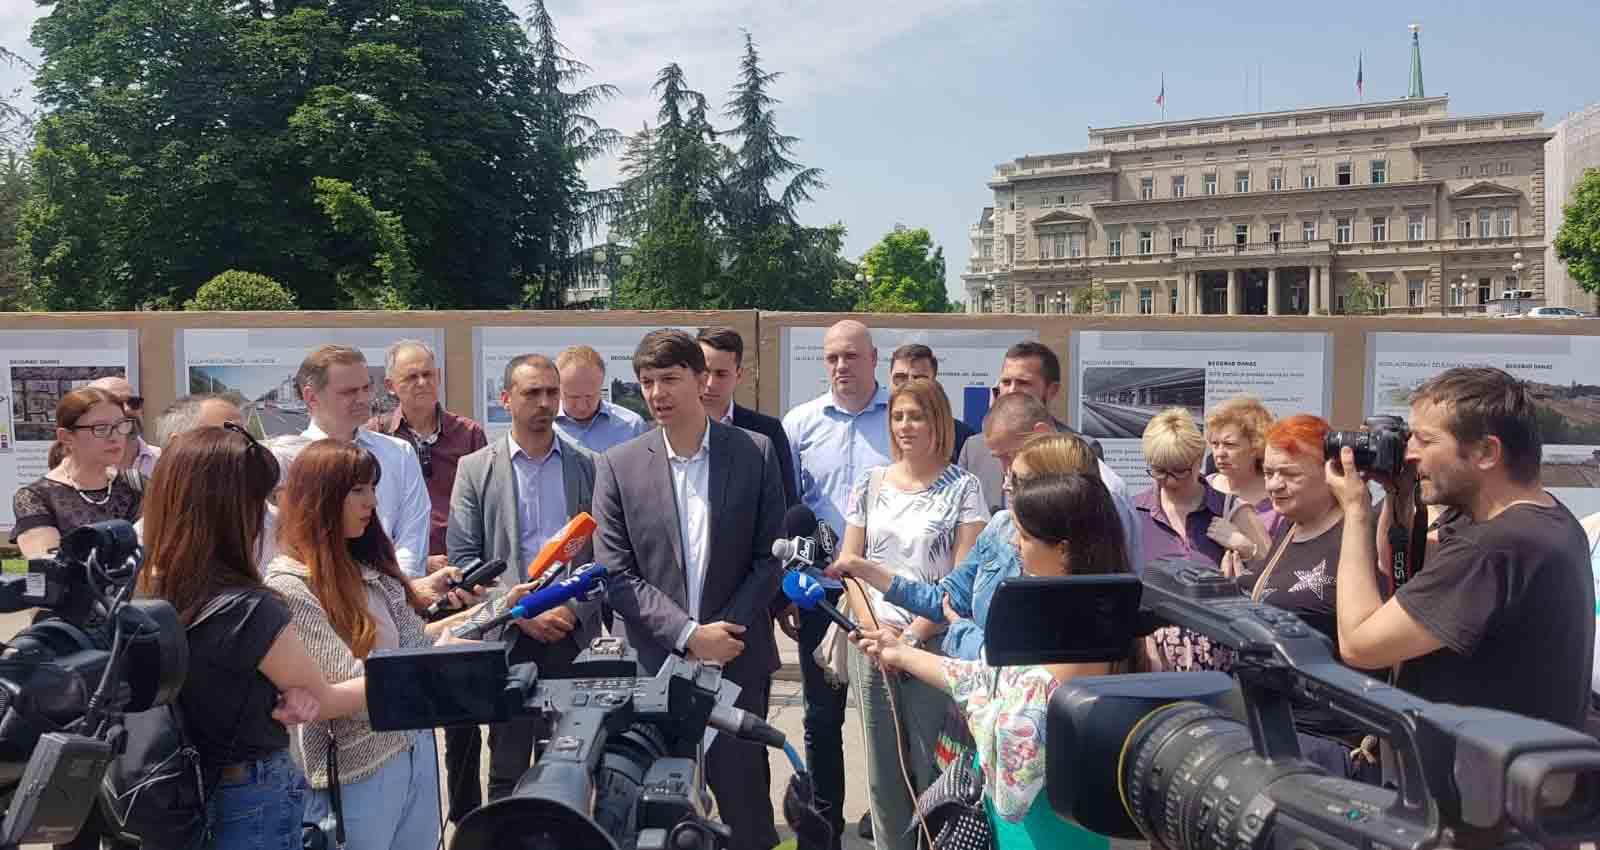 Јовановић: Град да одустане од набавки луксузних аутомобила